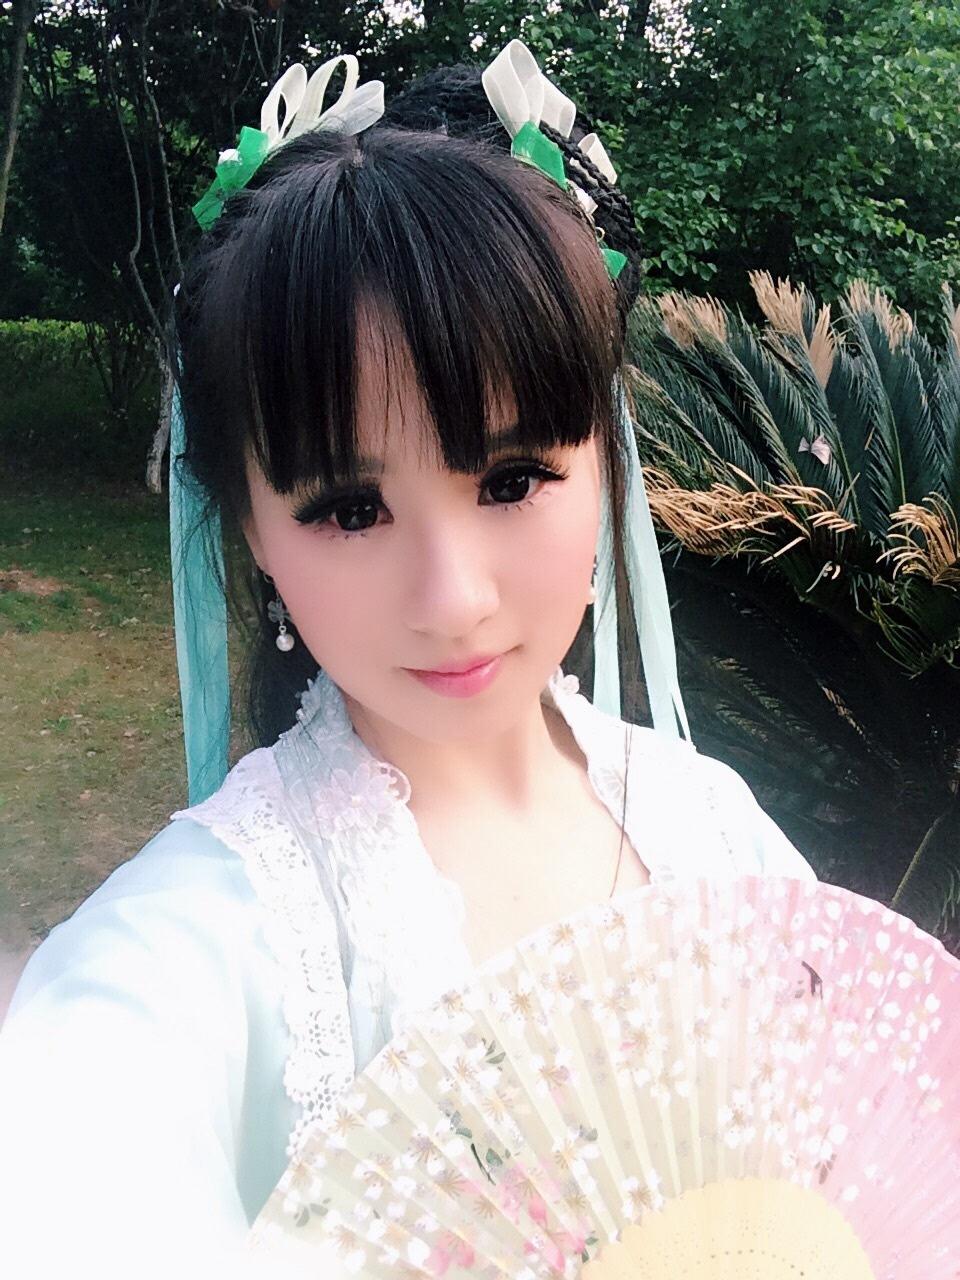 刘海古装美女自拍图片